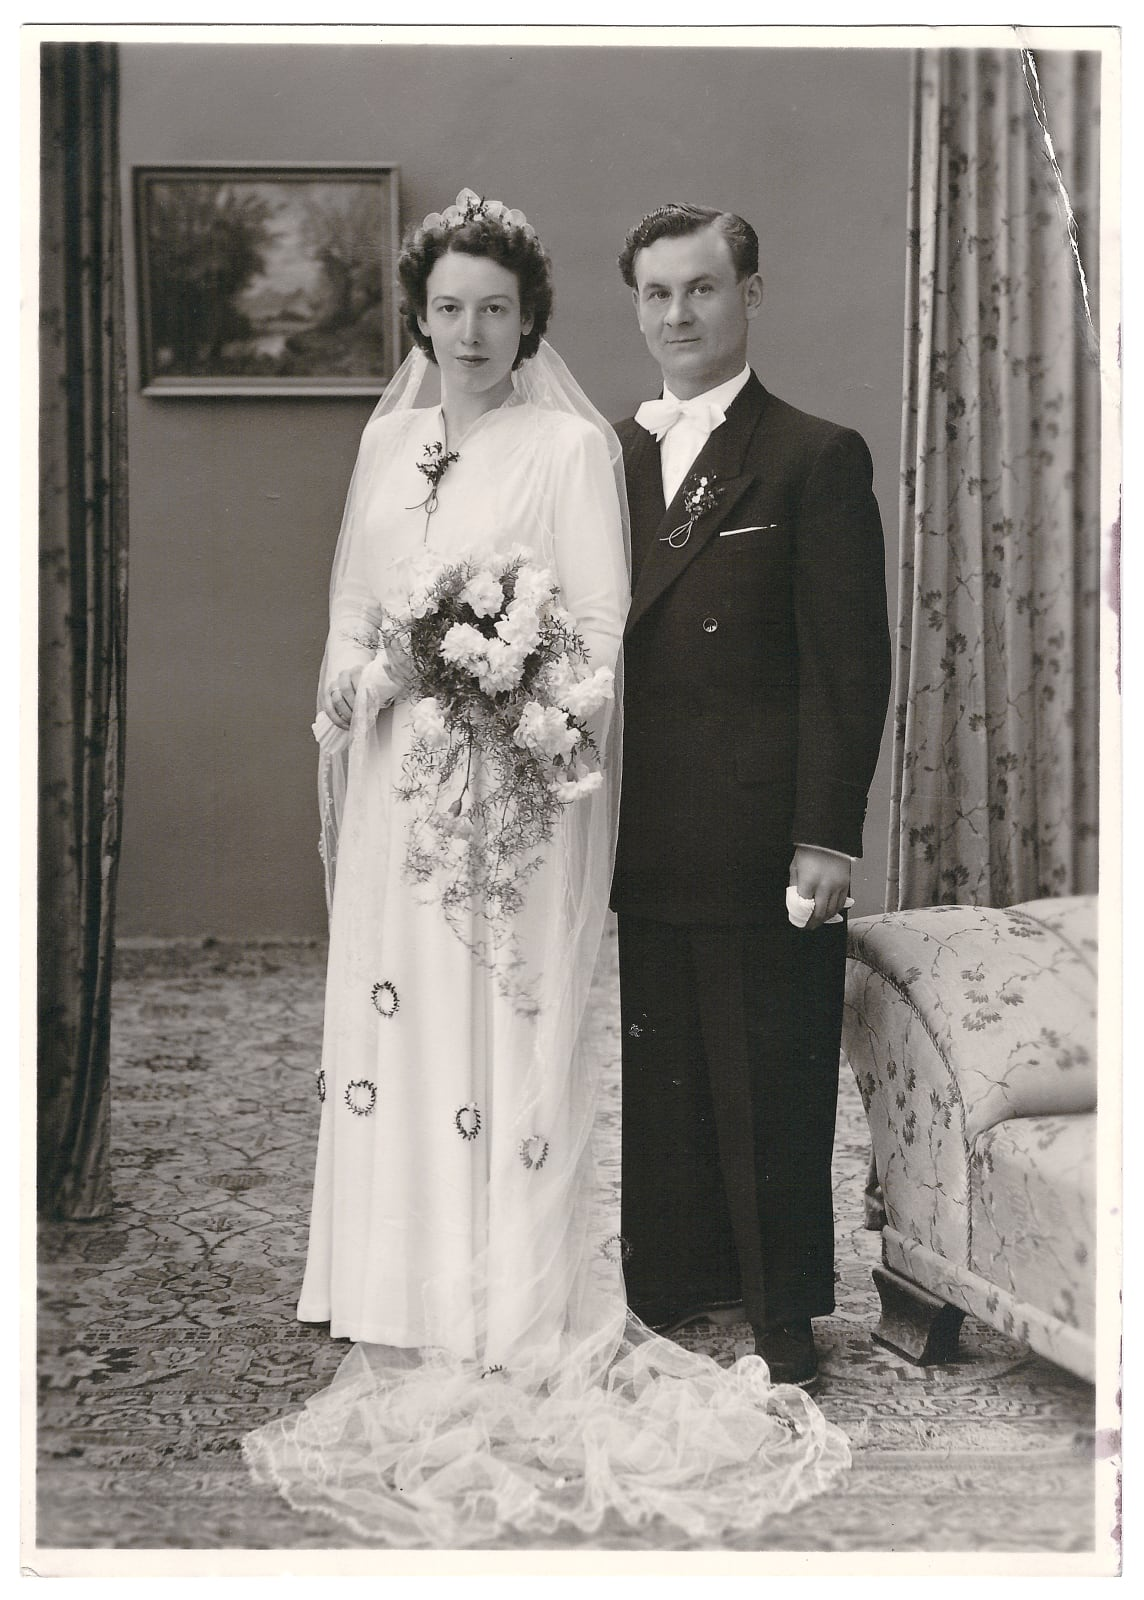 foto van bruidspaar uit 1900